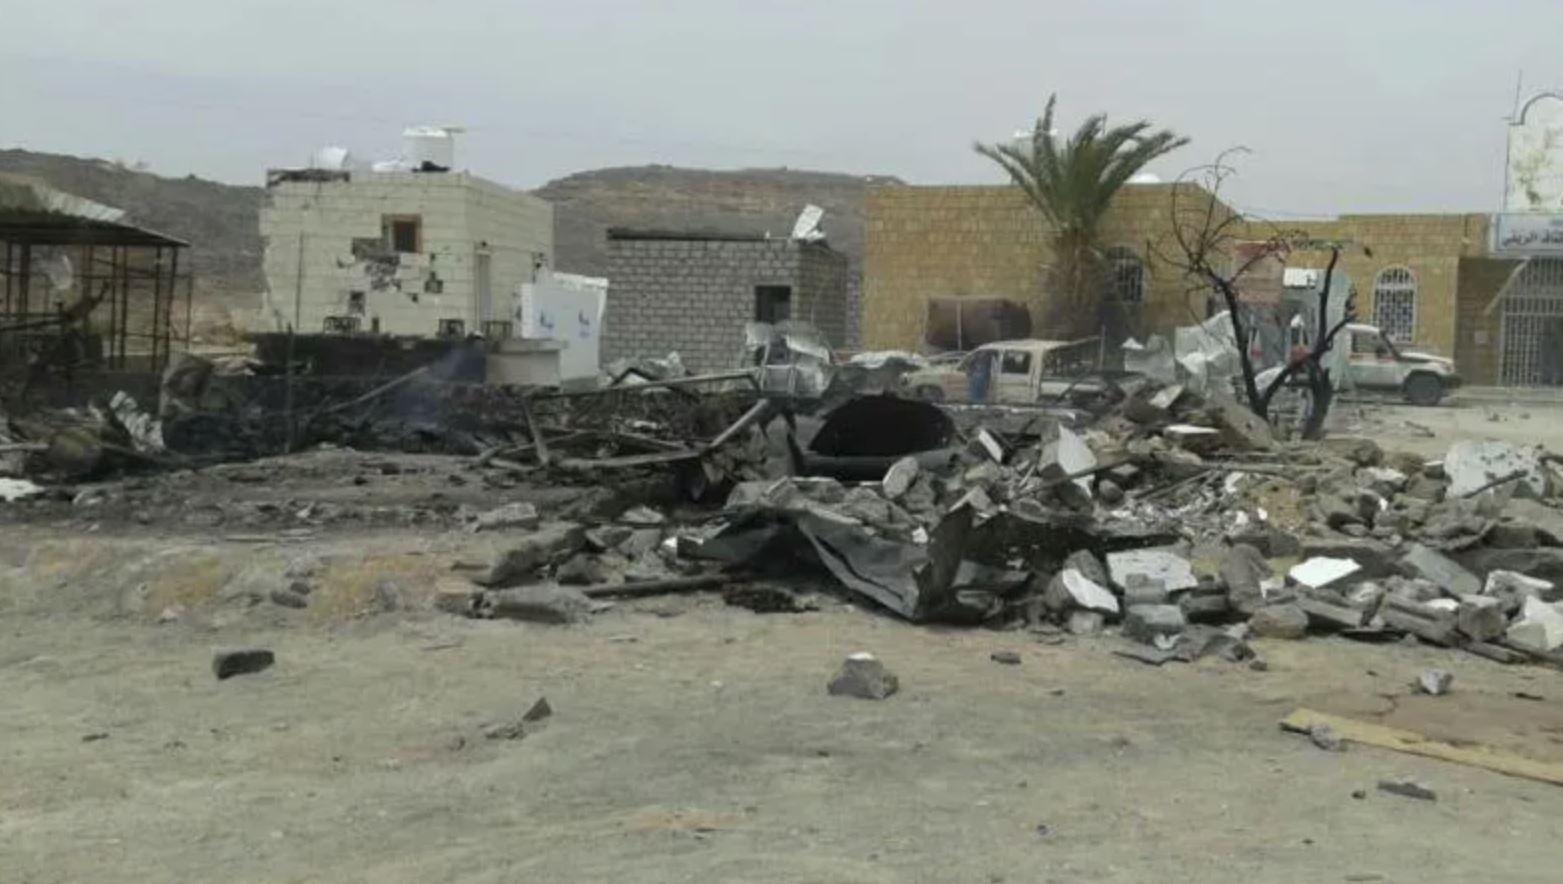 Trẻ em tiếp tục phải trả giá đắt nhất cho bạo lực ở Yemen